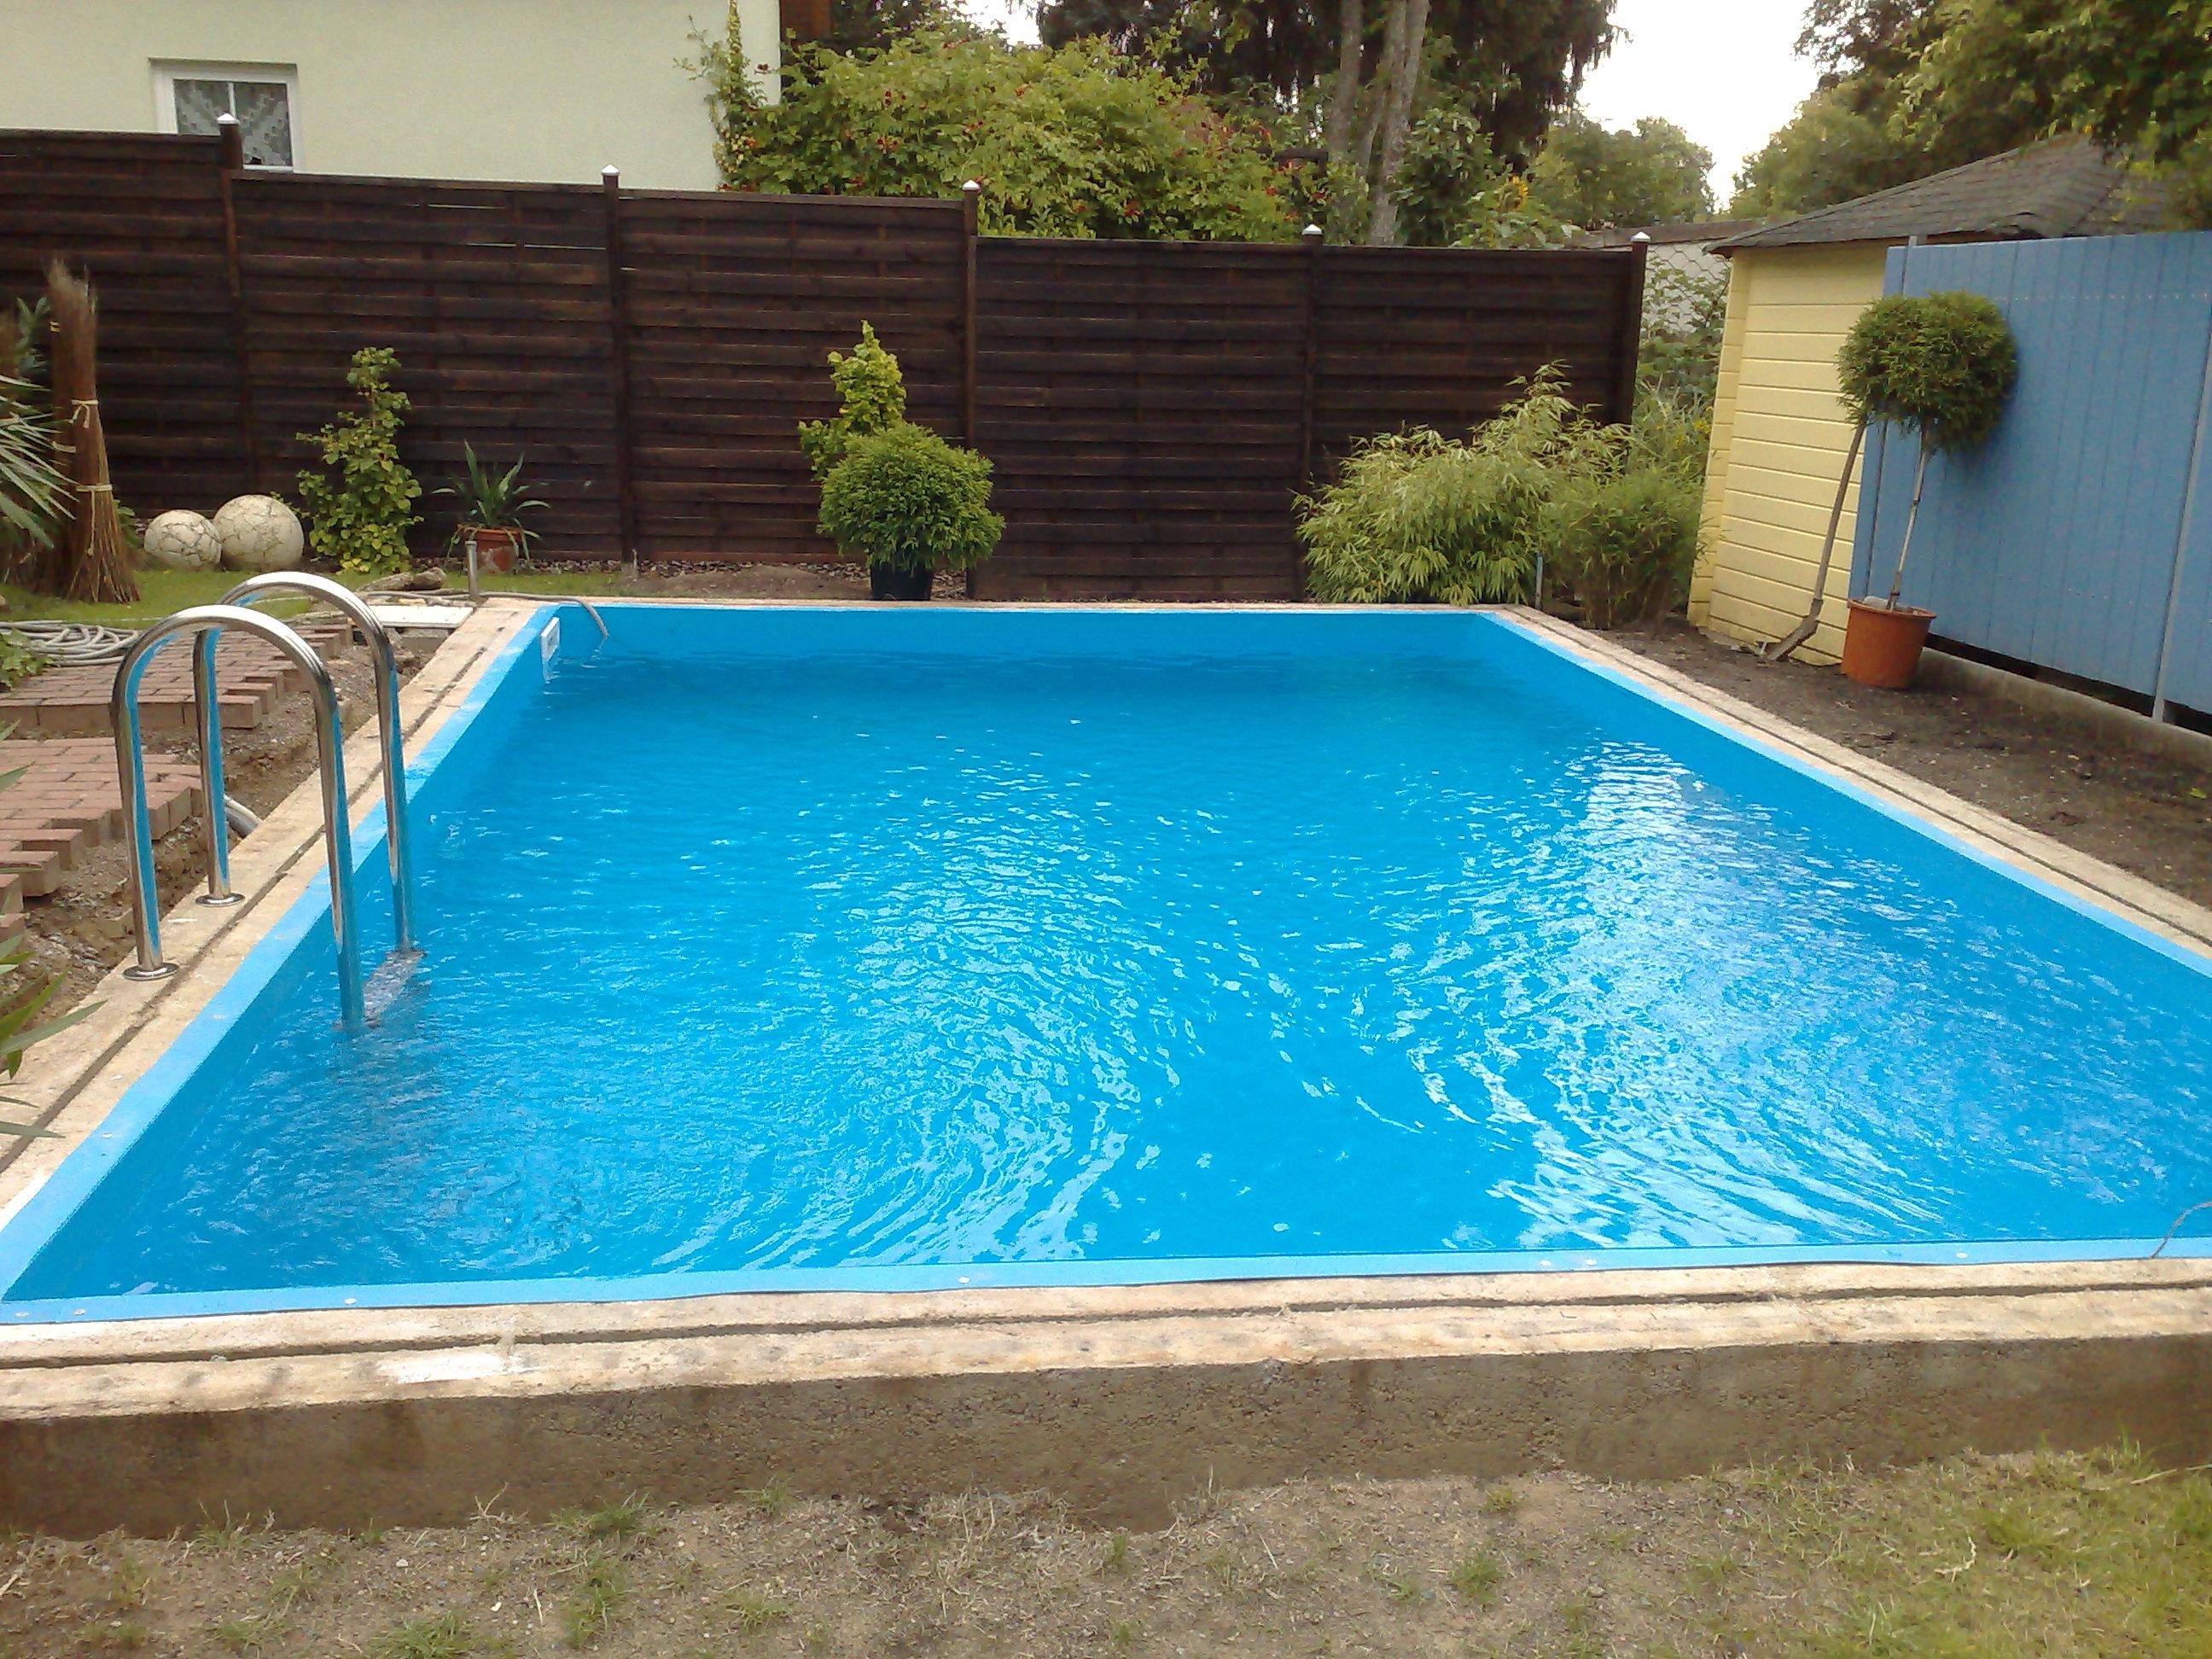 G nstige pool und schwimmbecken kaufen for Gunstige poolsets